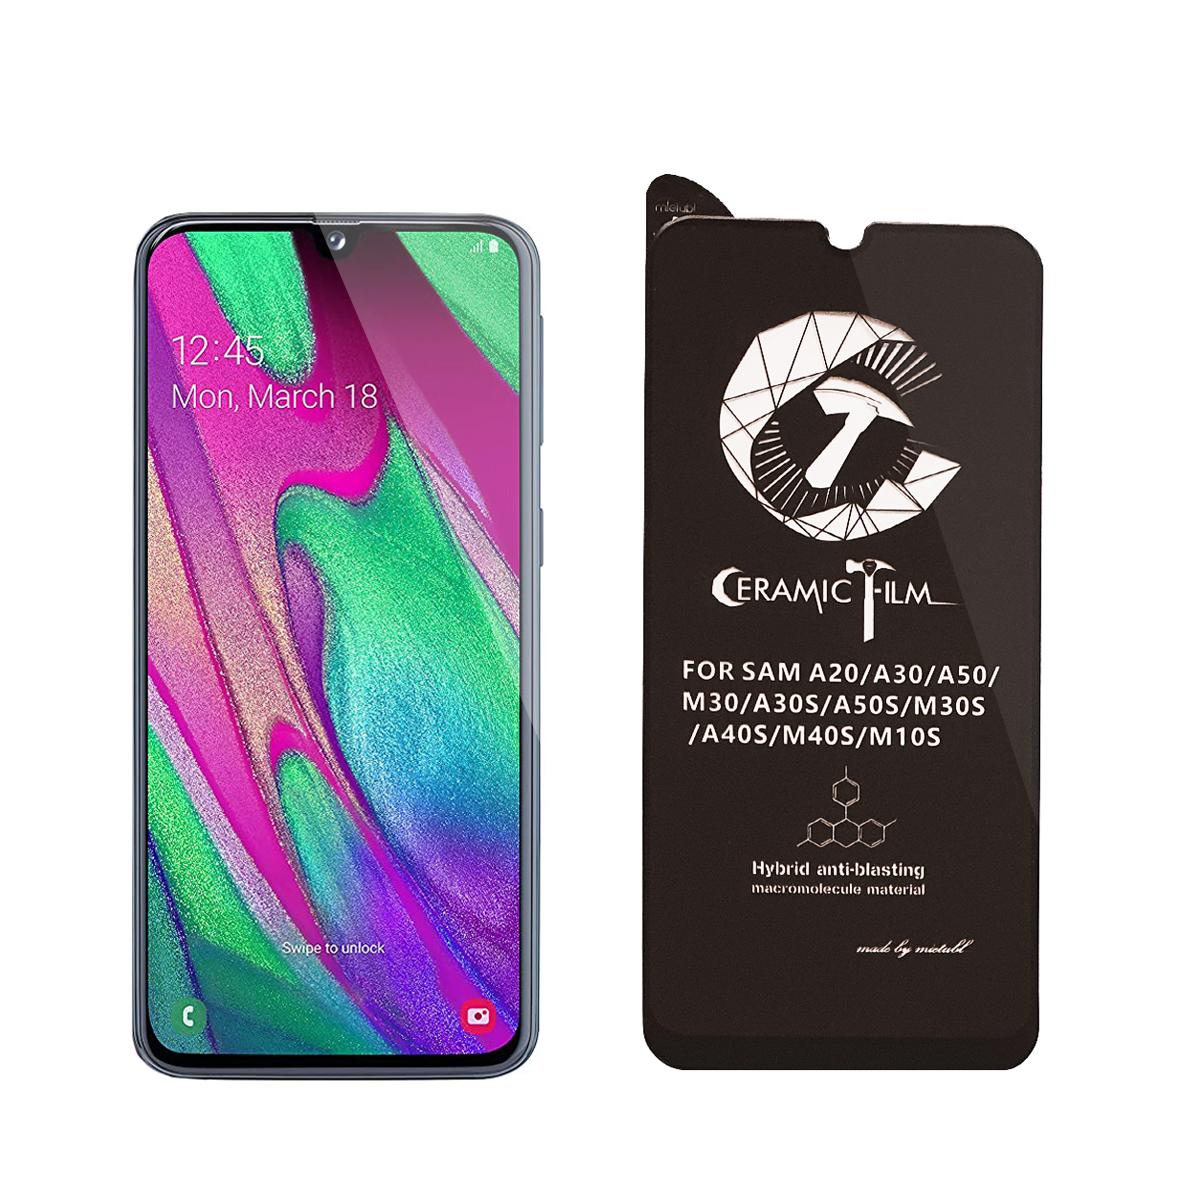 محافظ صفحه نمایش سرامیکی میتوبل مدل FLCEG01me مناسب برای گوشی موبایل سامسونگ Galaxy A40s